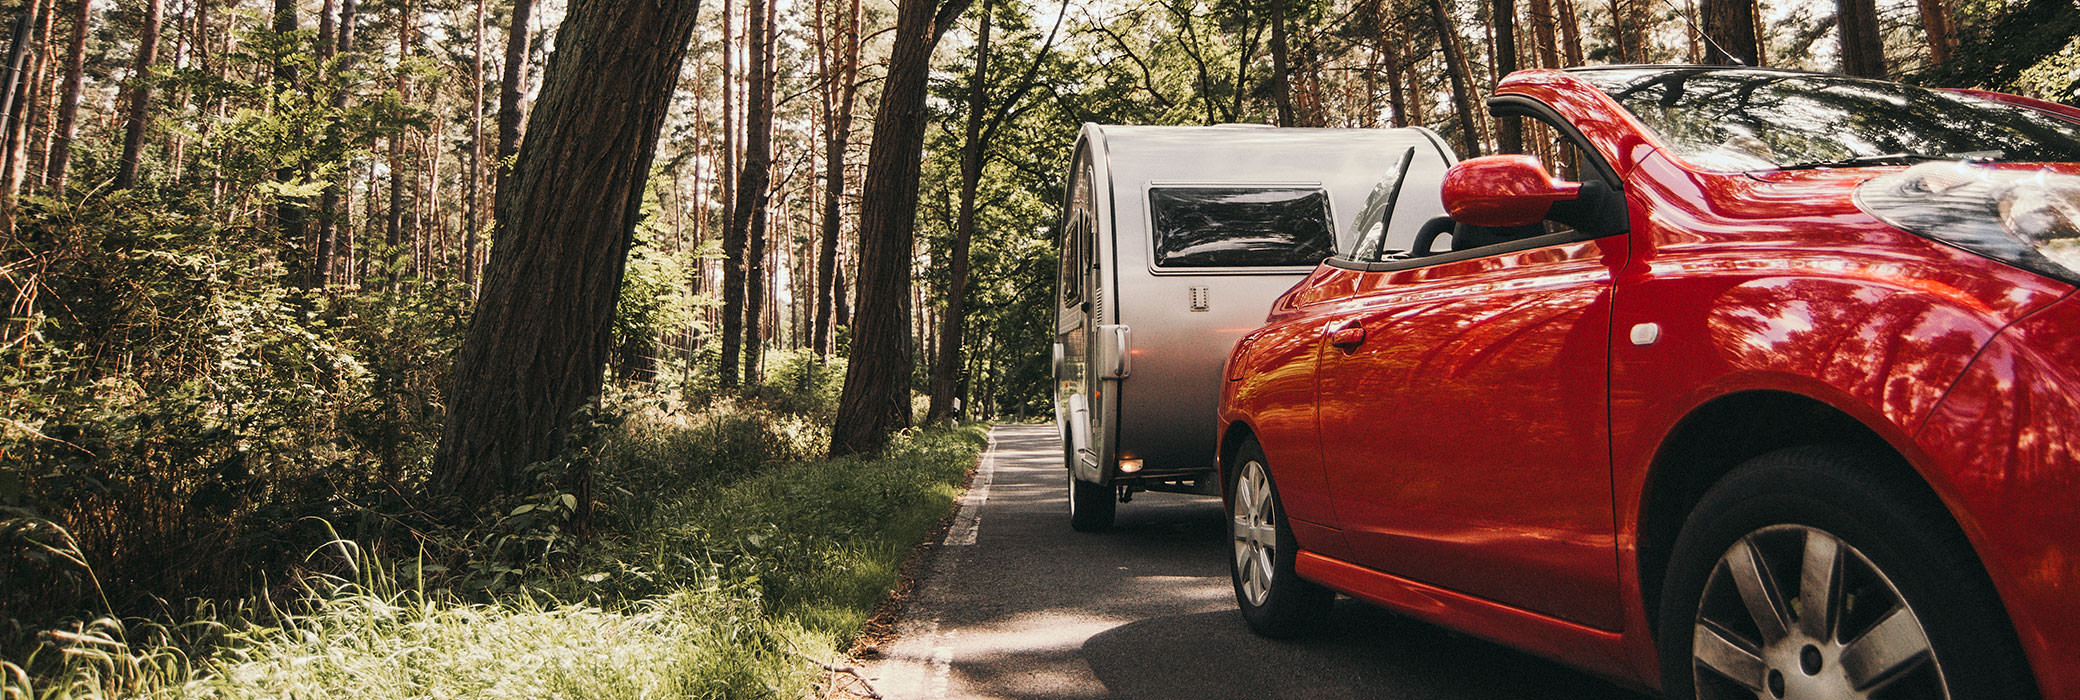 Cabriolet rouge avec caravane blanche sur une route de campagne